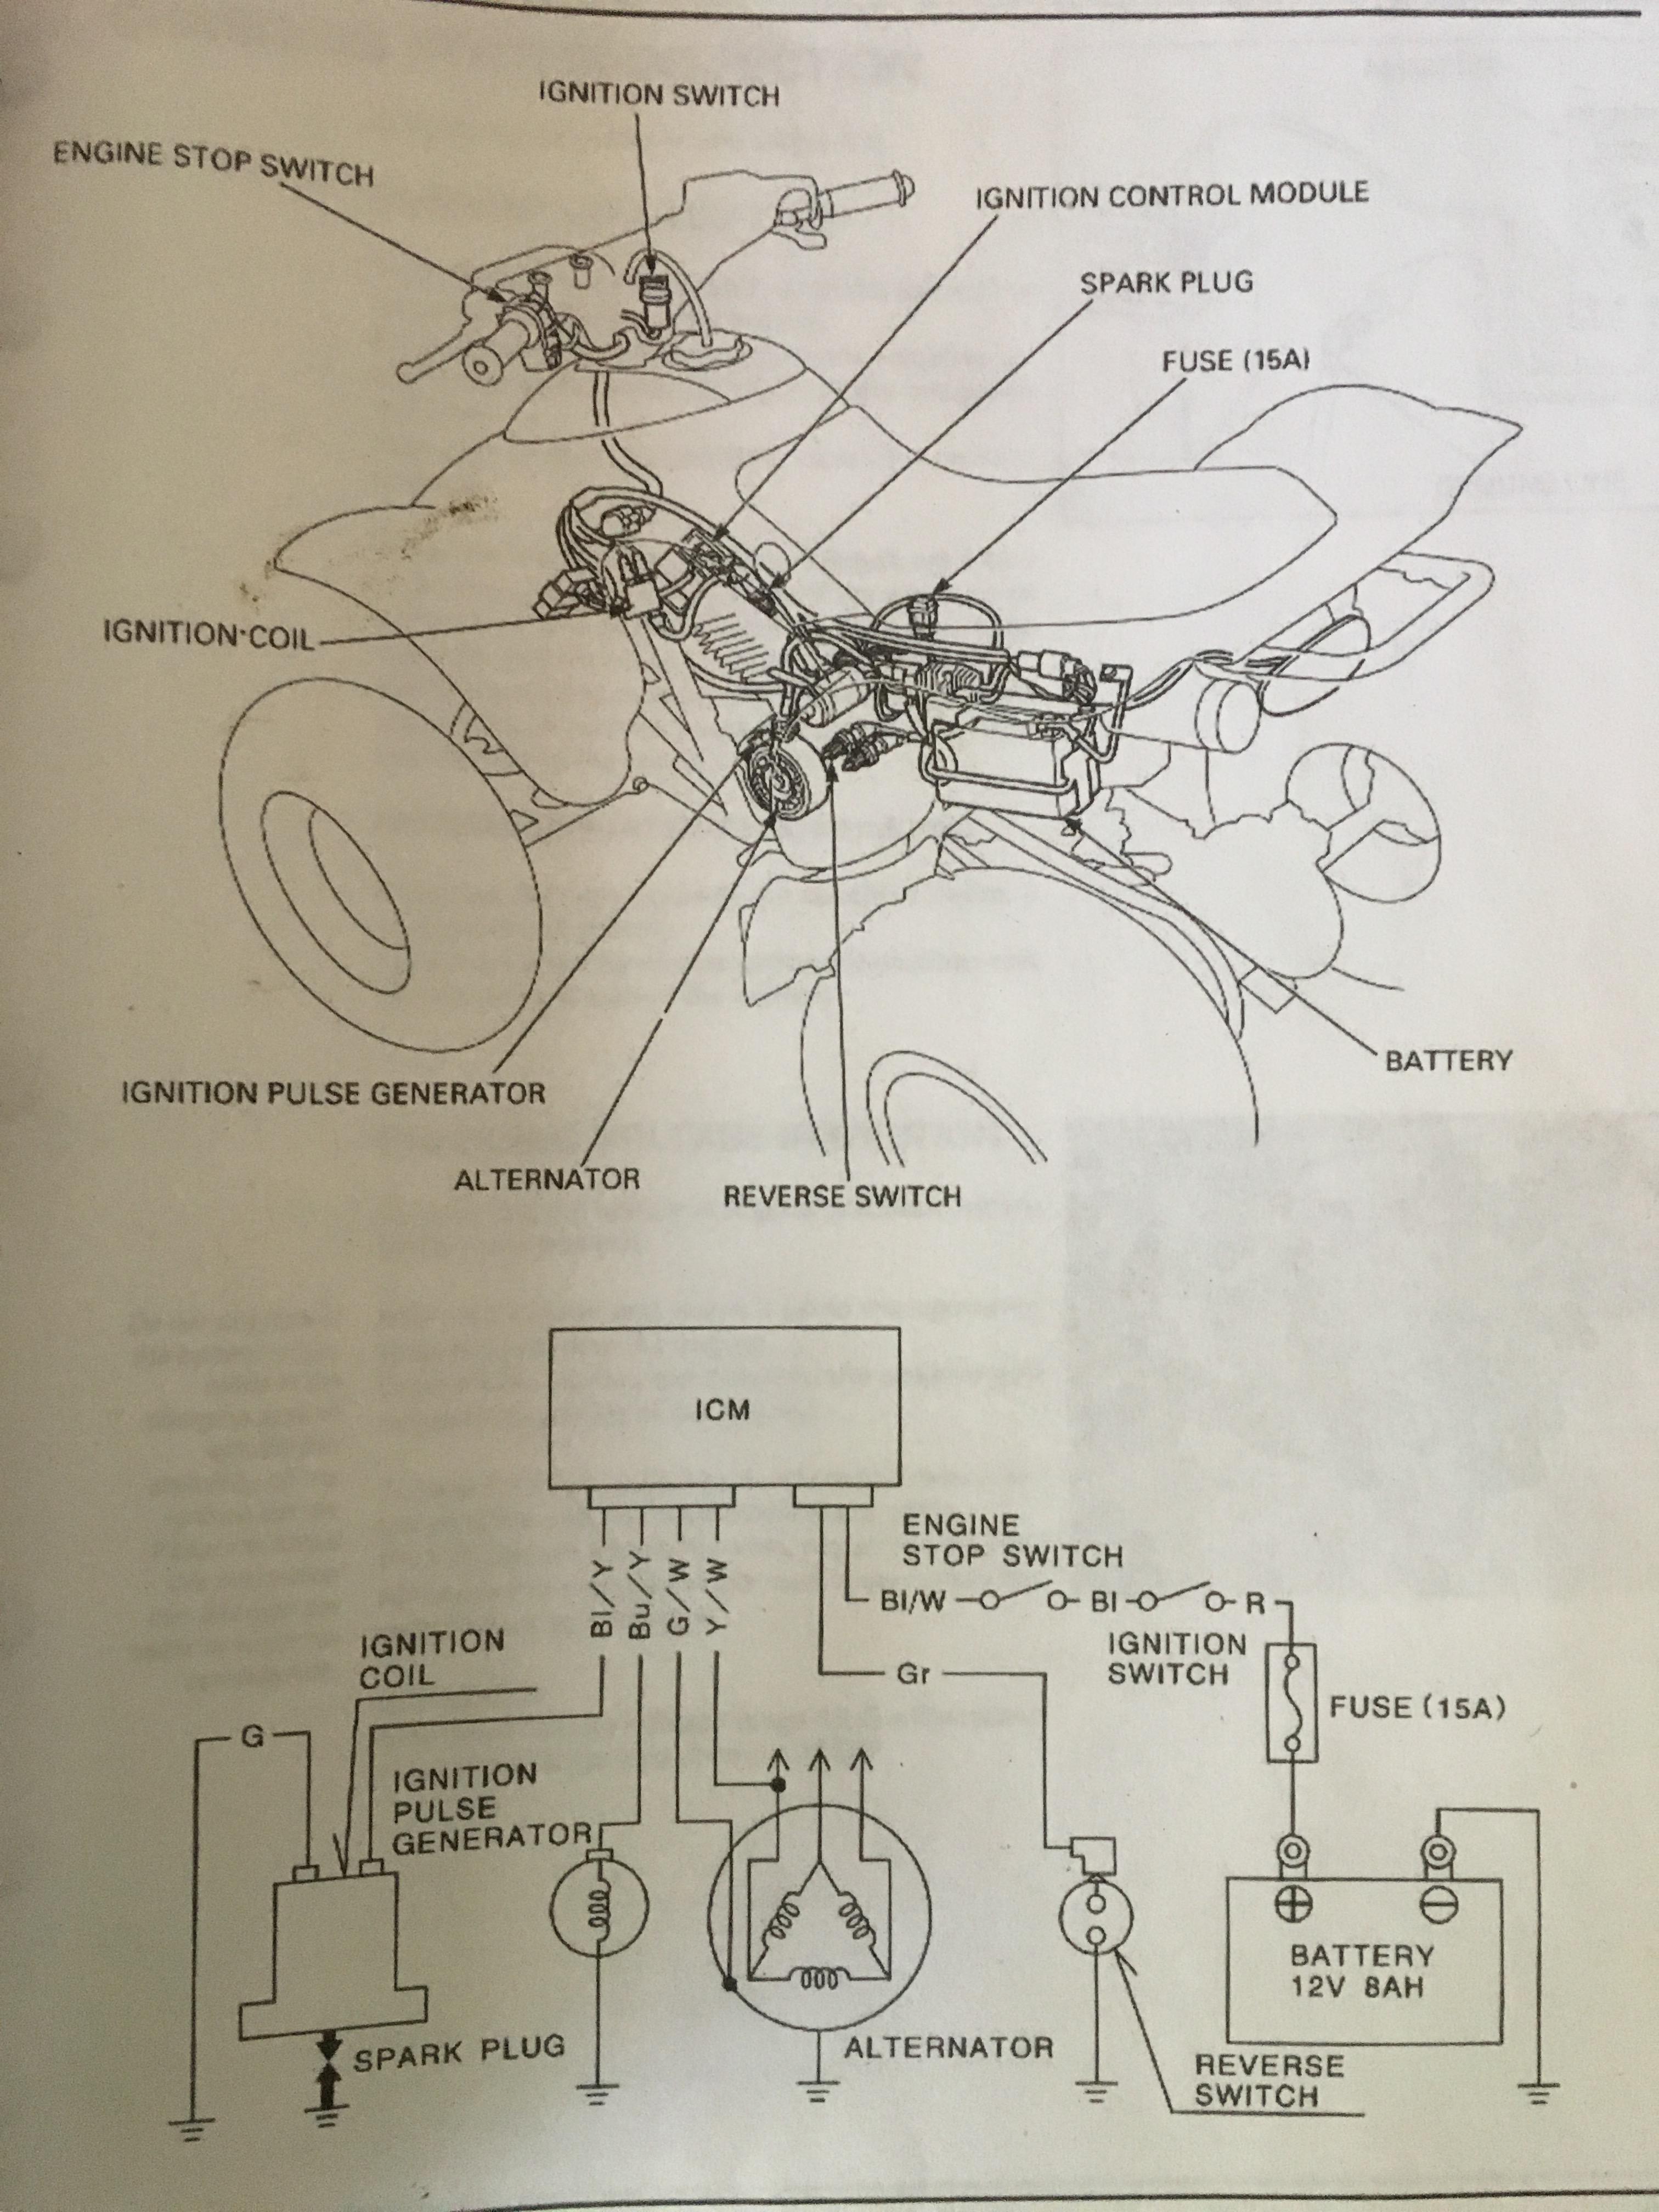 atv spark plug wiring diagram 300ex no spark honda trx atv forum  300ex no spark honda trx atv forum